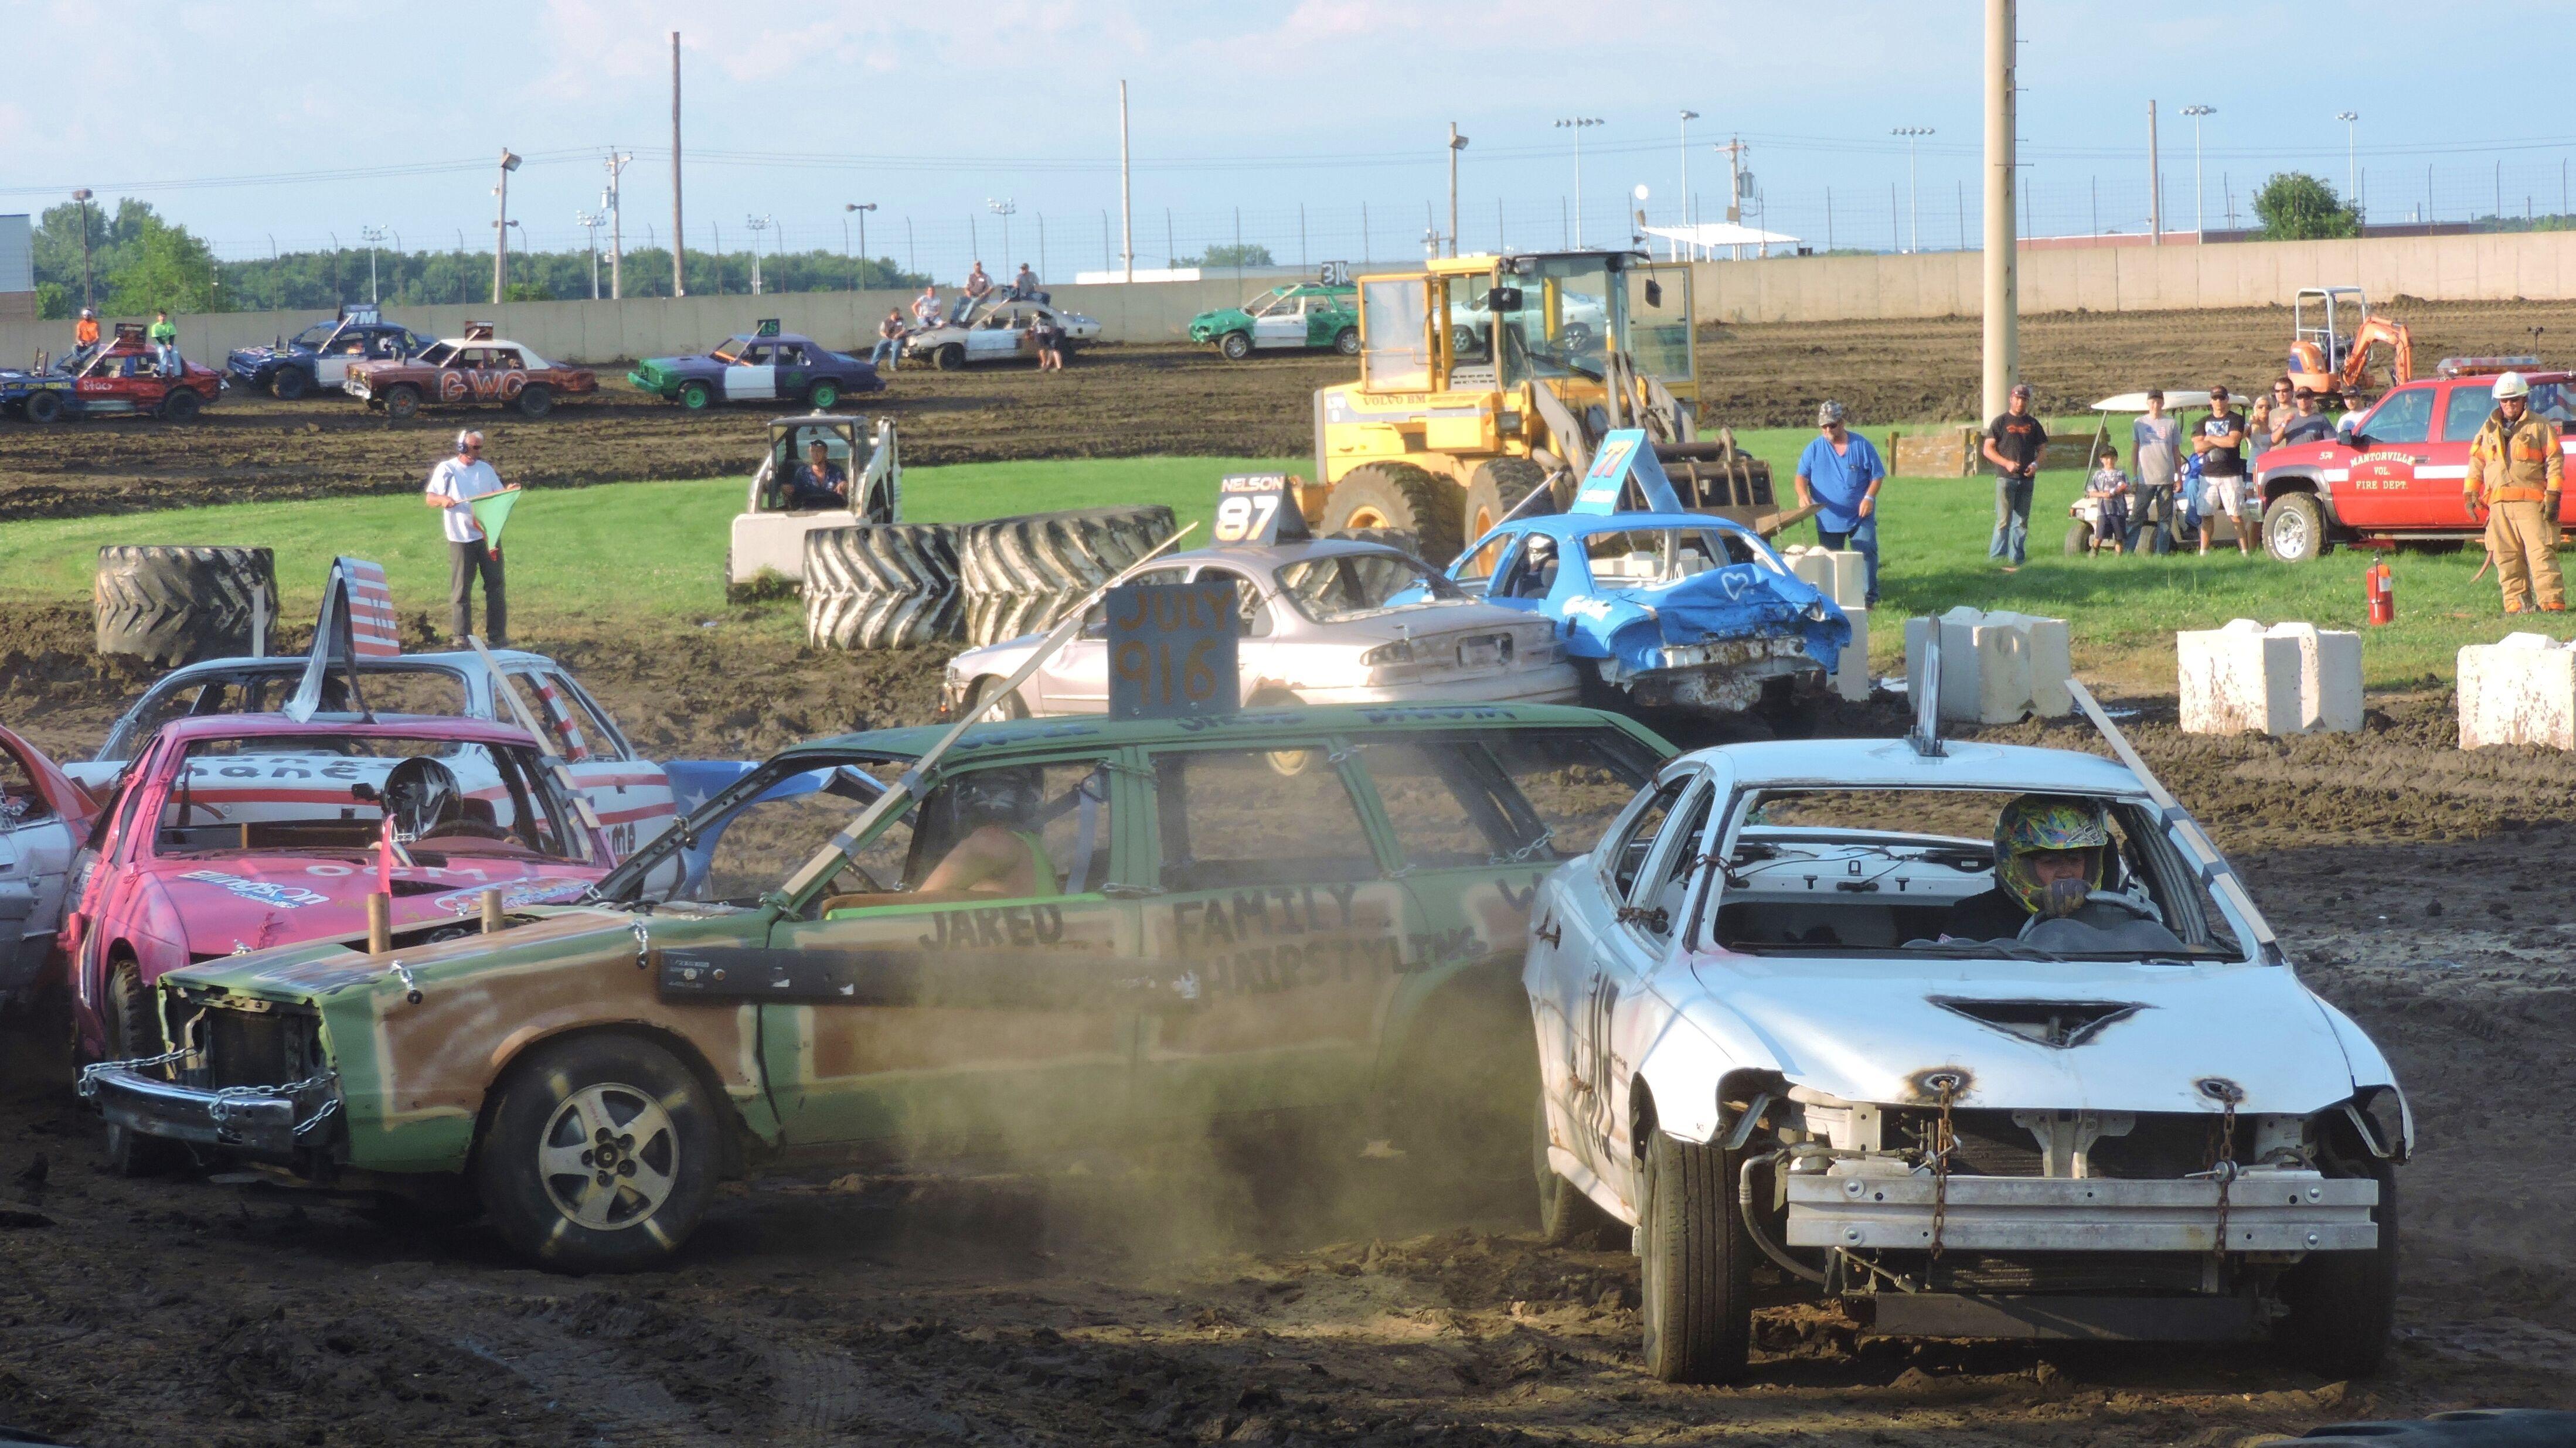 Demolition Derby | Dodge County Free Fair